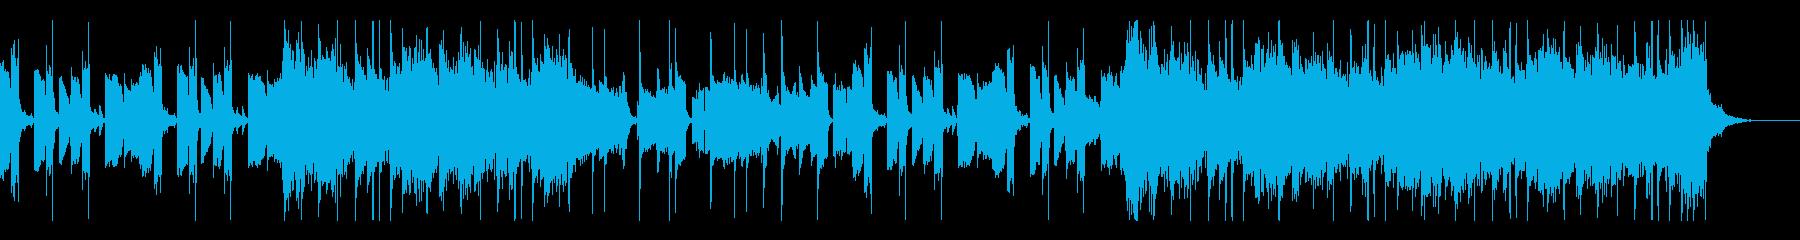 トラウマの再生済みの波形